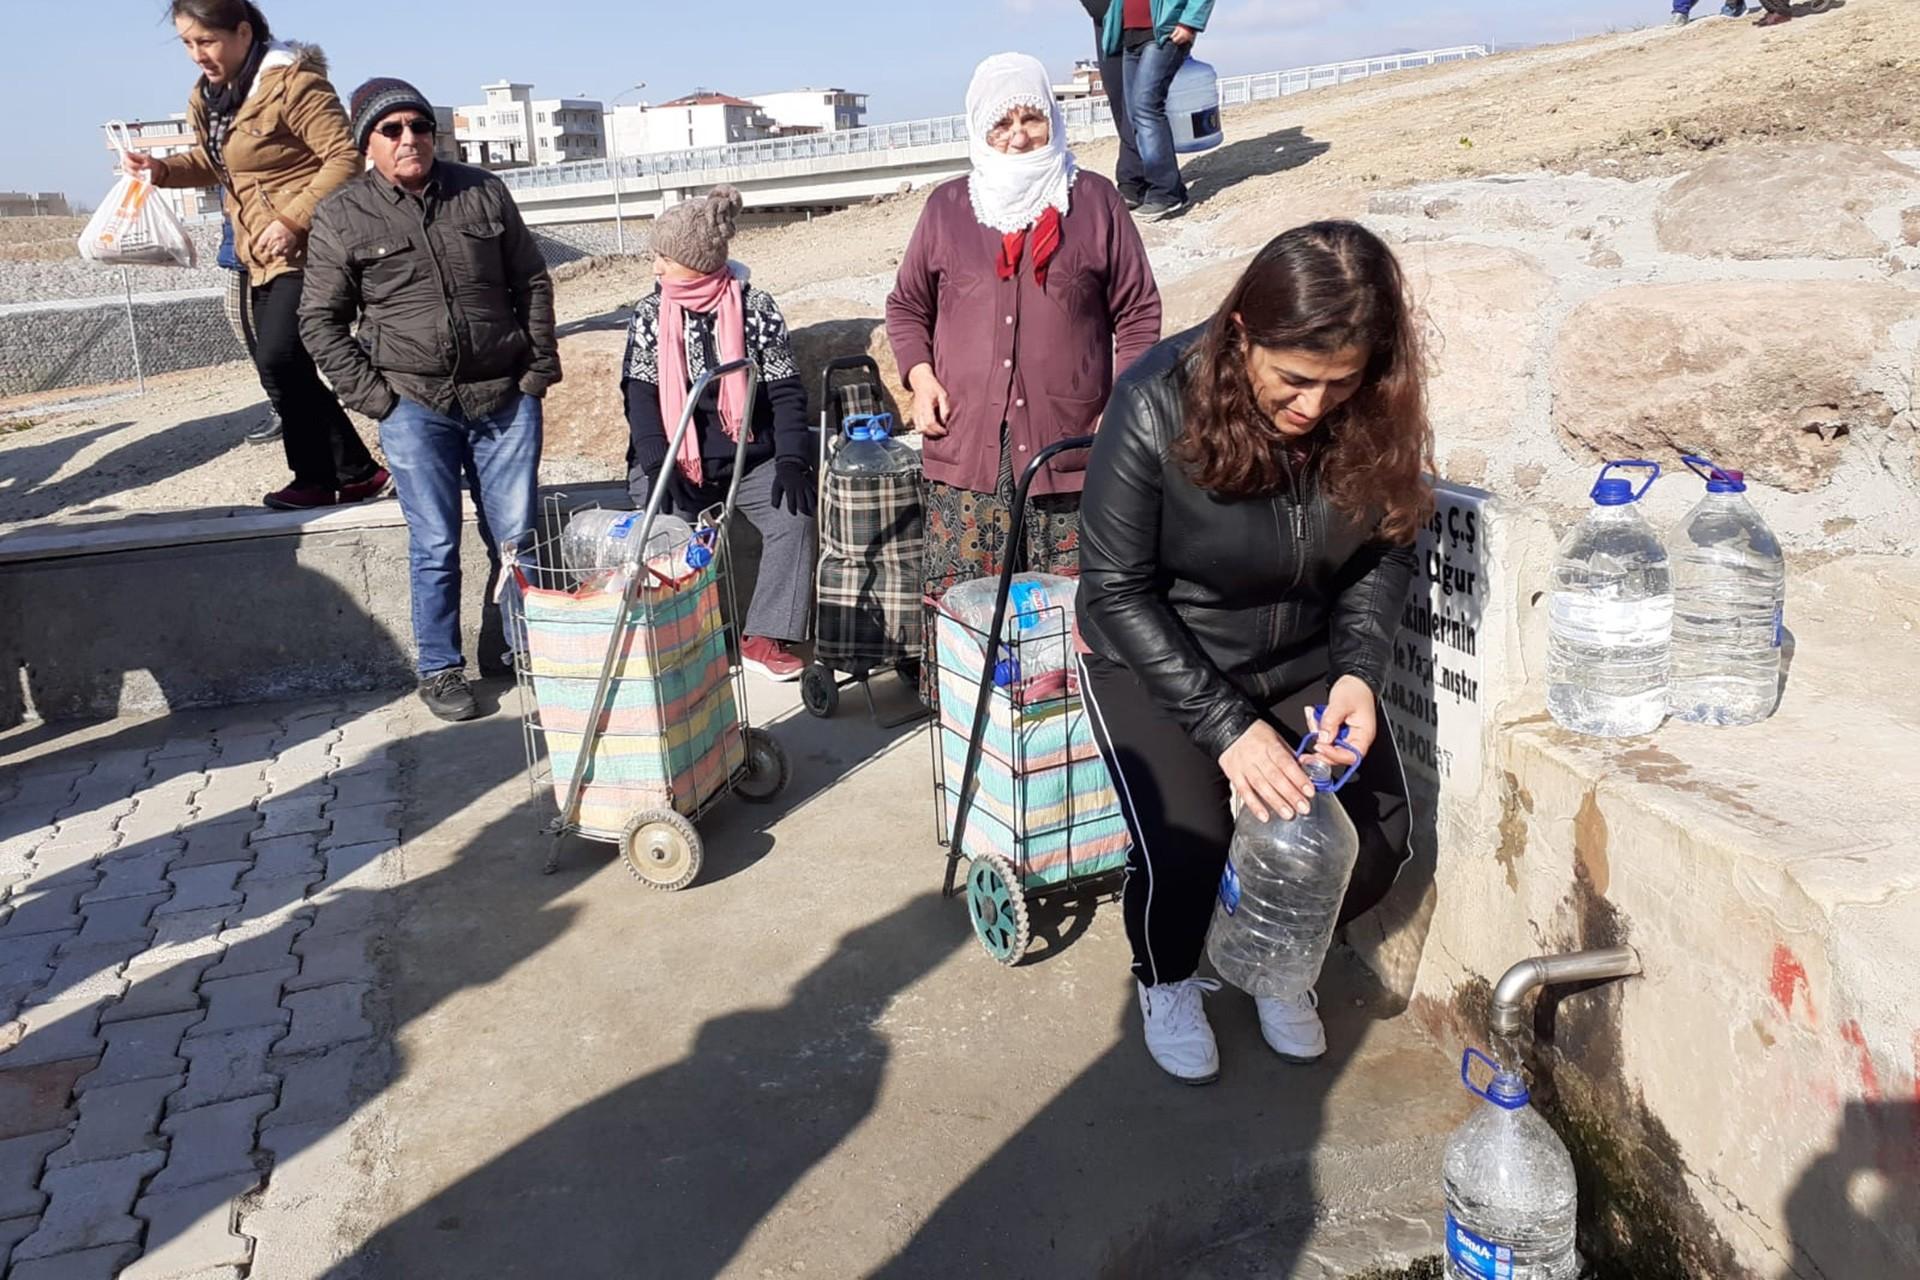 Çeşme başında su almak için sıraya girmiş insanlar